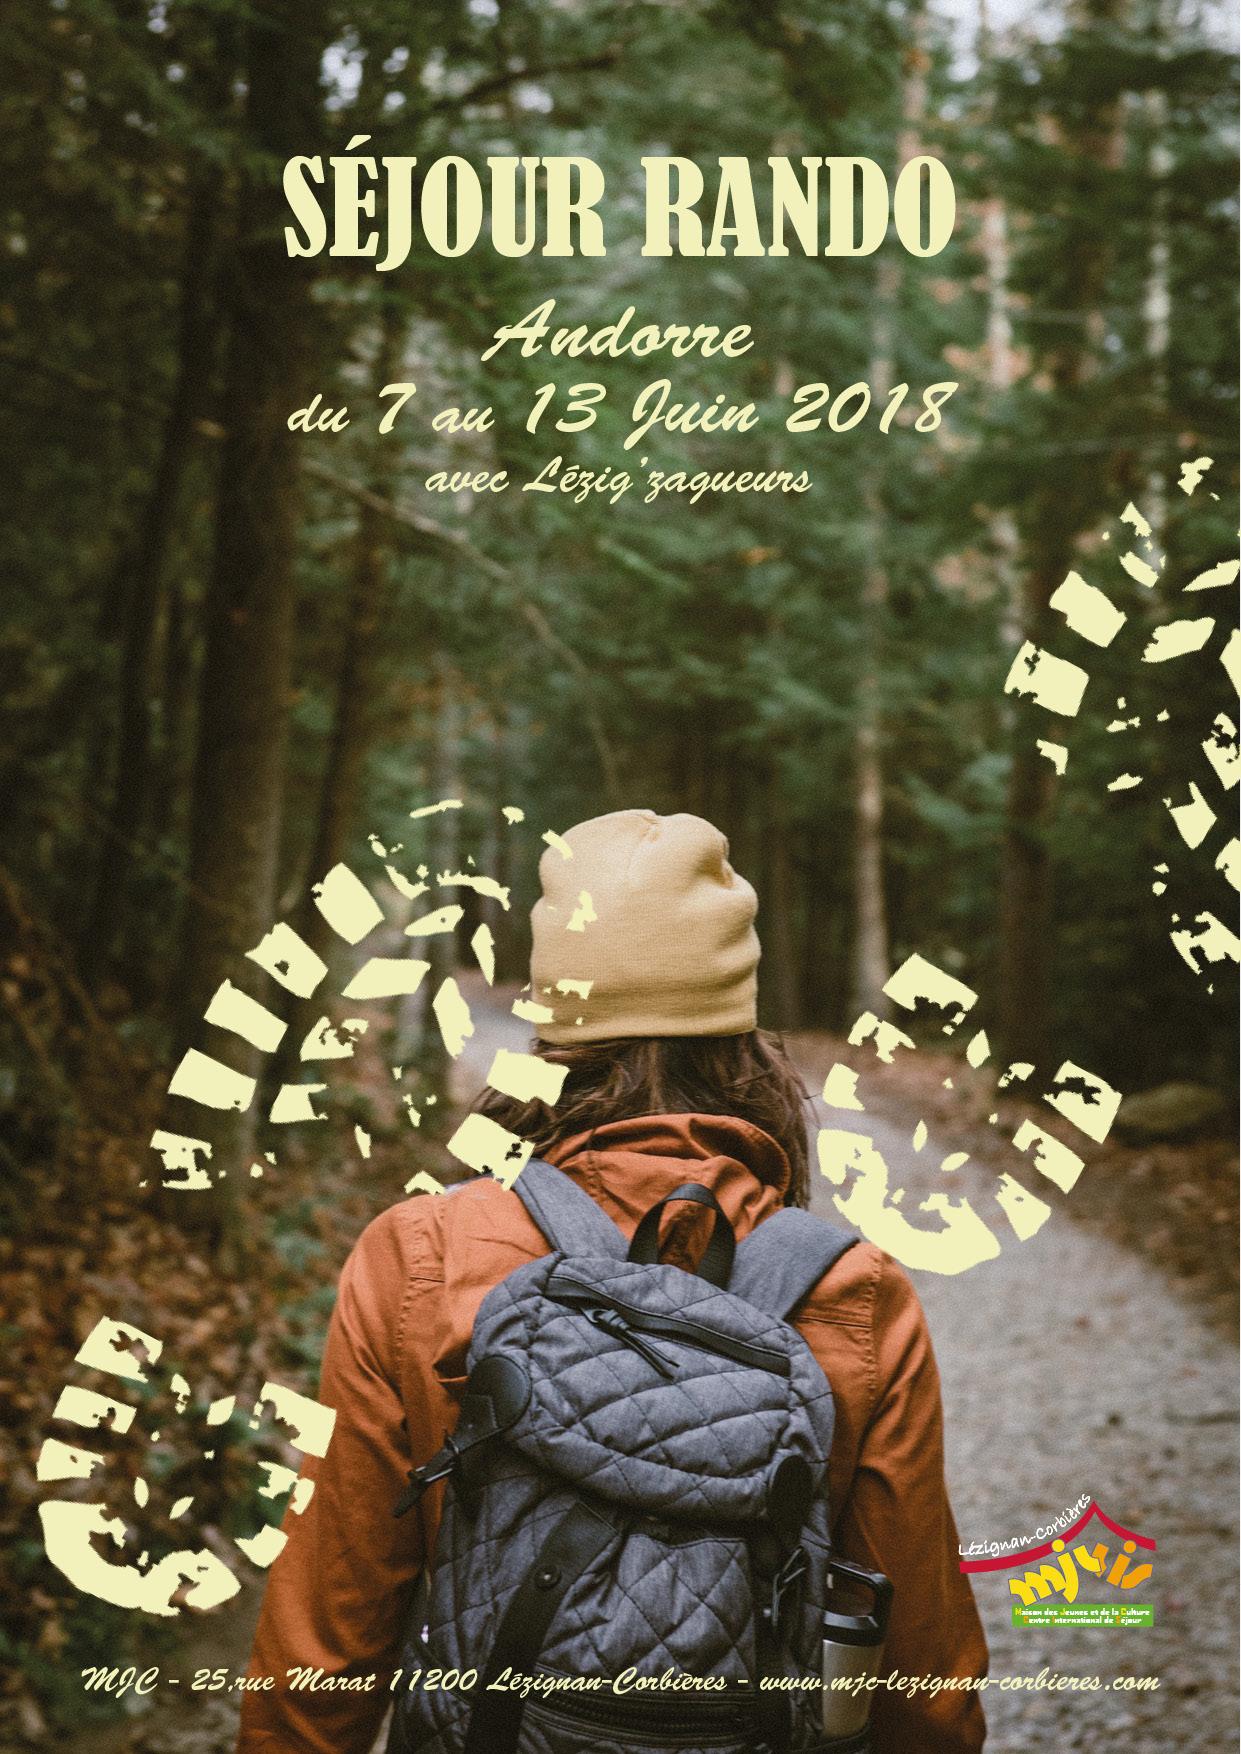 Séjour rando en Andorre >> du 7 au 13 Juin 2018